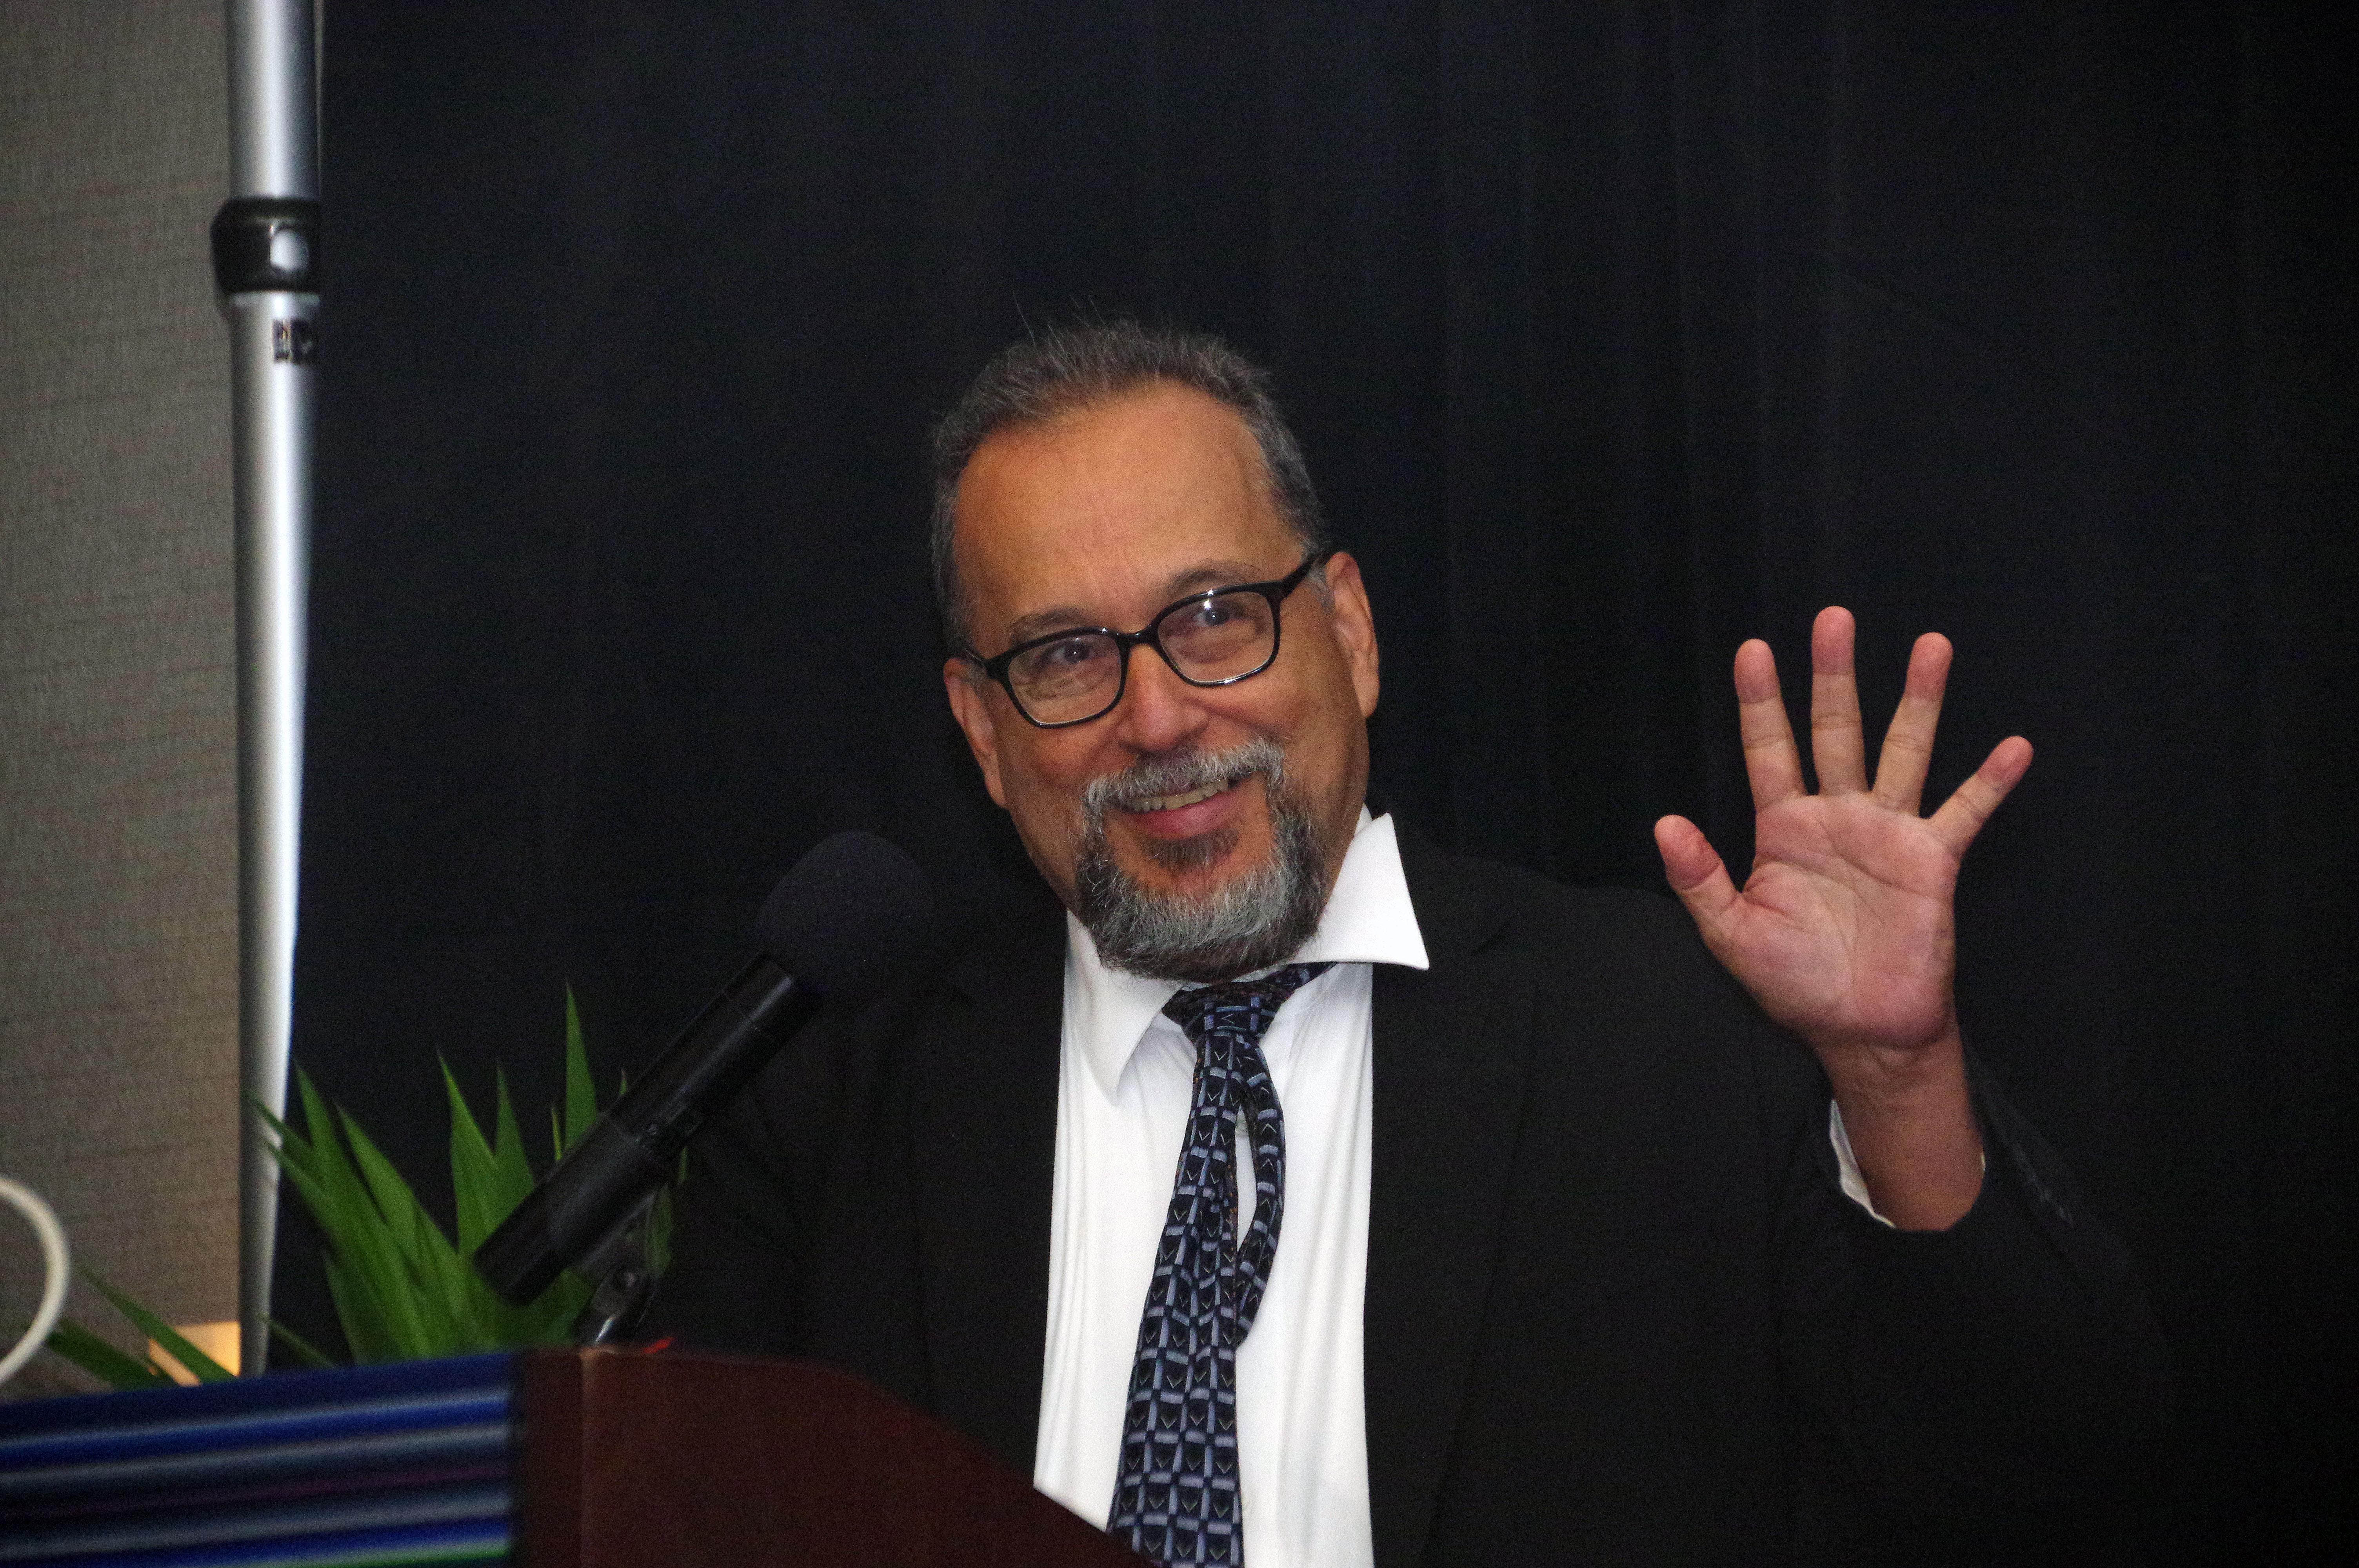 """El Rev. Dr. Eriberto López Rodríguez: """"Donde quiera se articula la idea de una utopía, allí está Jesús, inspirando la visión y con manos extendidas para ayudarnos a construirla"""". Foto por Rev. Gustavo Vasquez, Noticias MU."""